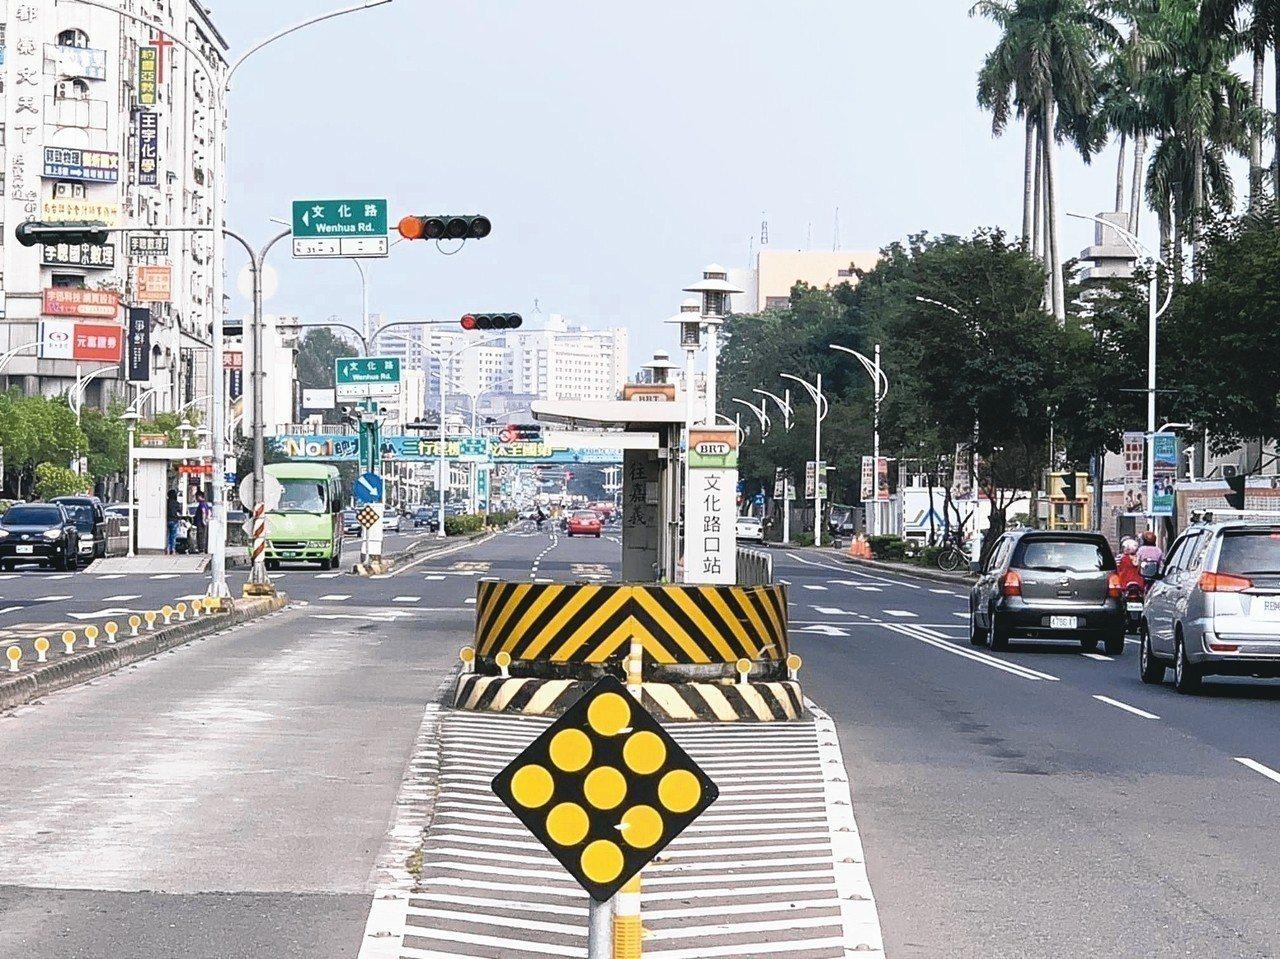 嘉義BRT(公車捷運系統)候車站台存廢,昨天成為嘉義市議會定期會質詢焦點。 記者...